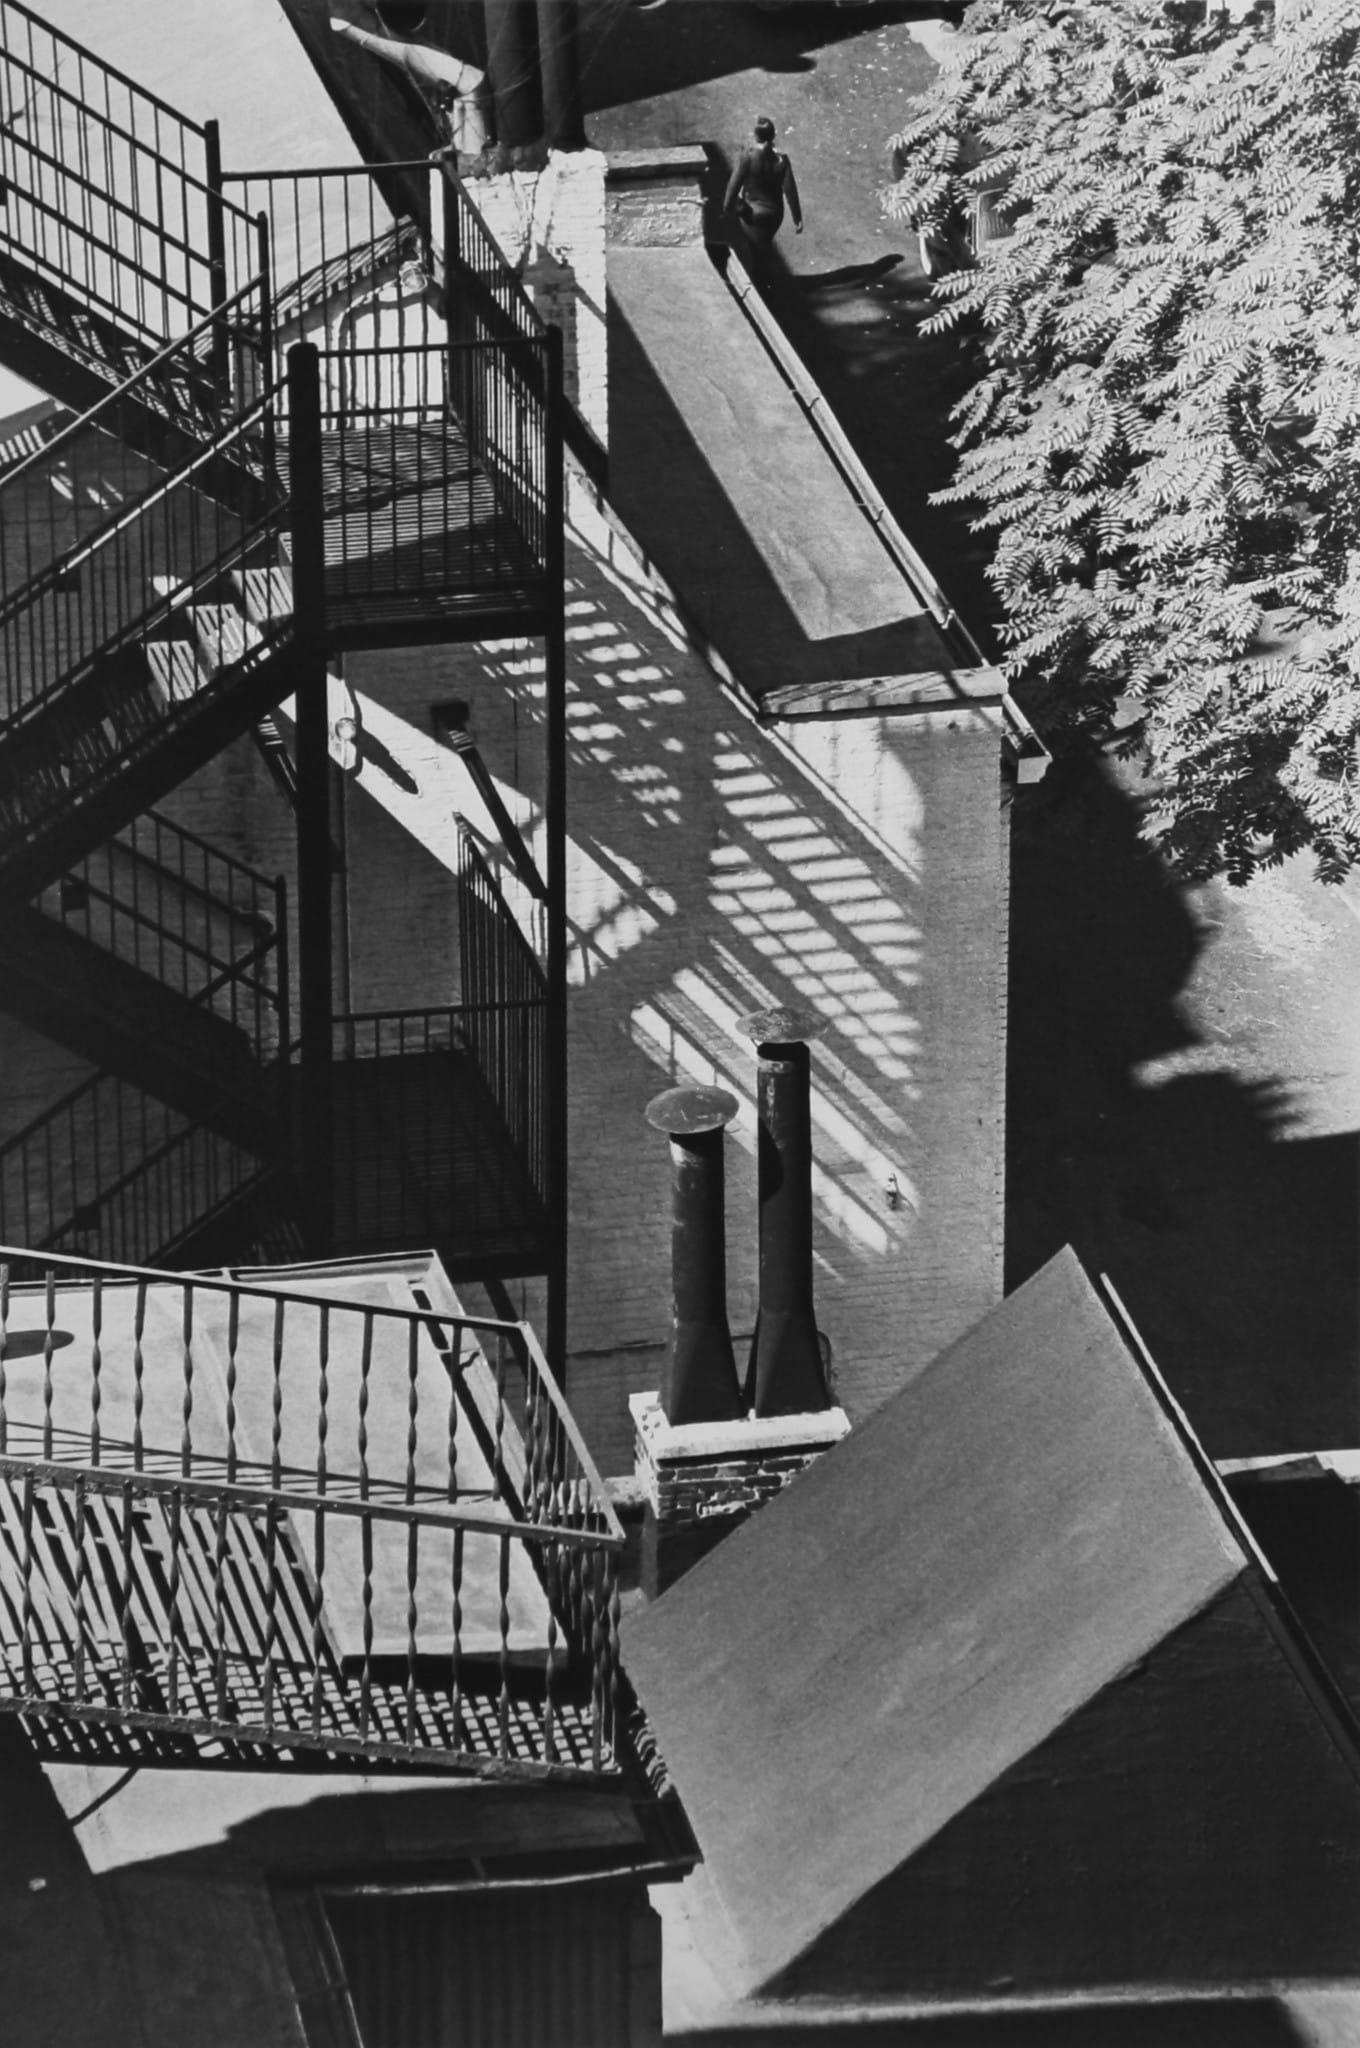 Untitled by André Kertész